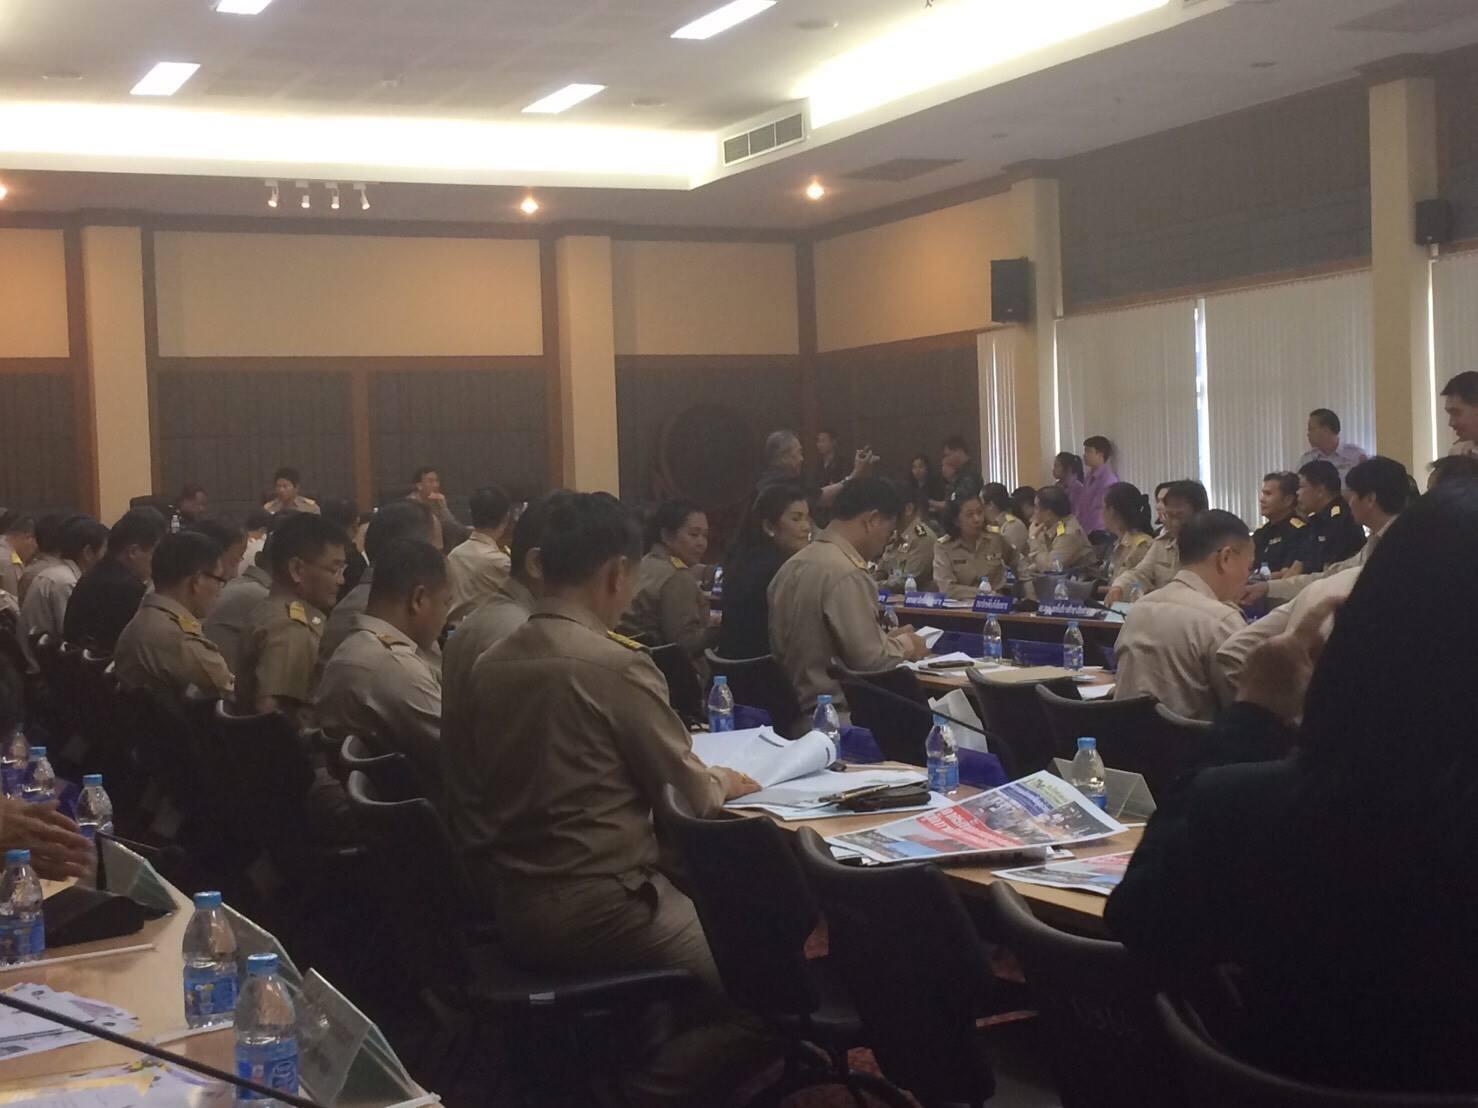 มทร.ล้านนา ชร.ข้าร่วมการประชุมหัวหน้าส่วนราชการประจำจังหวัดเชียงราย ครั้งที่ 3/2560